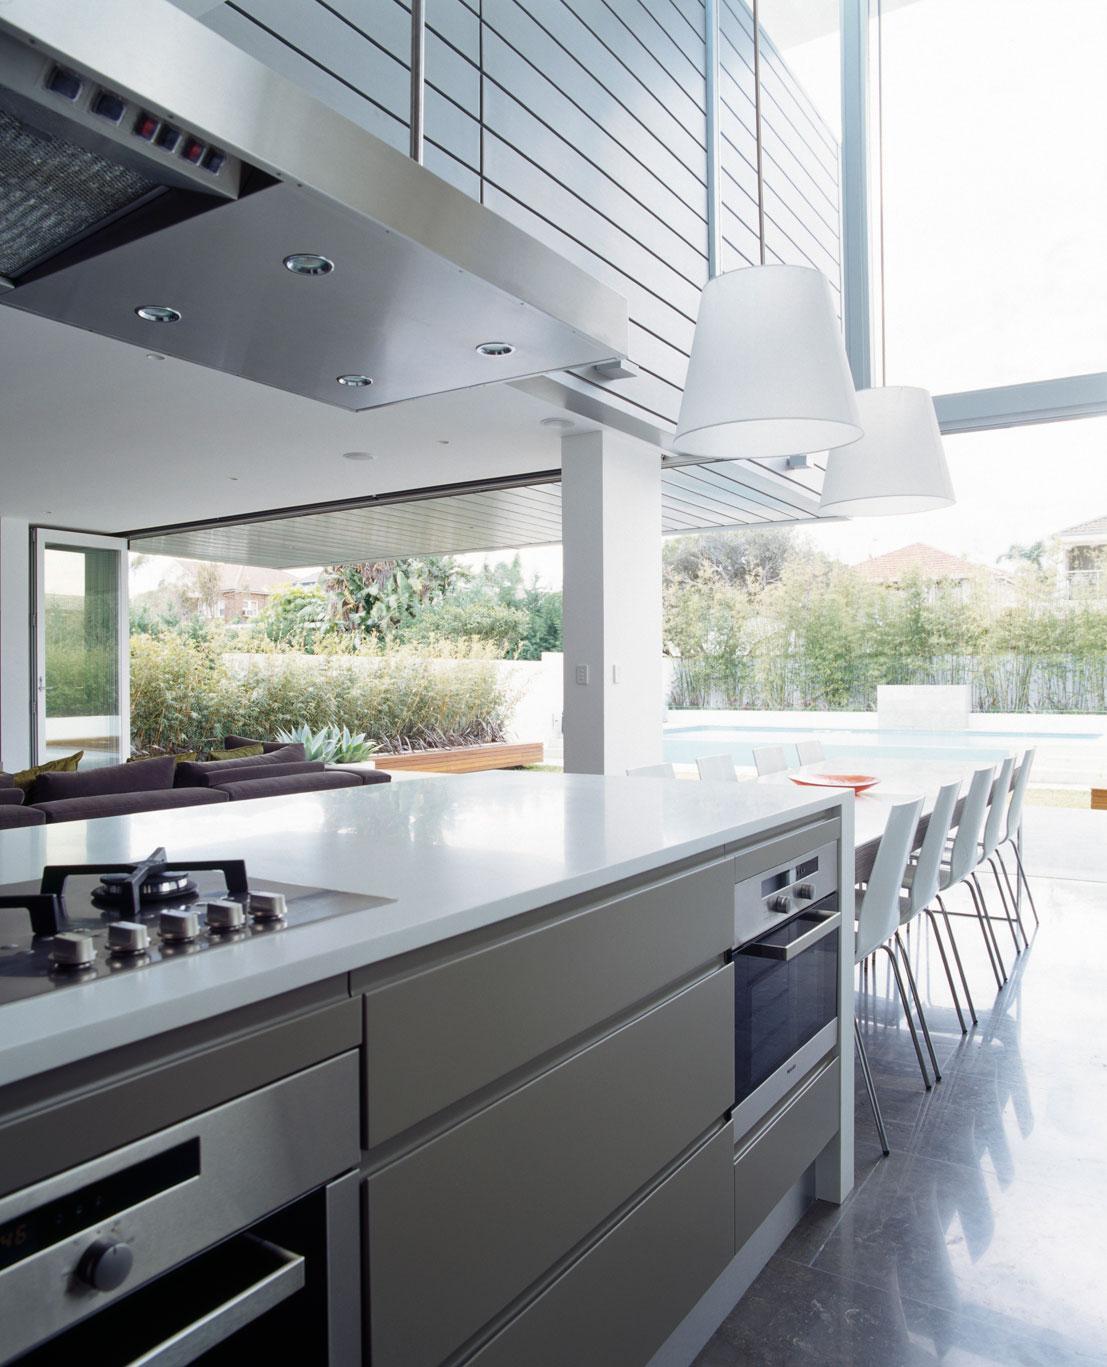 Architetturedinterni-Raffinato-stile-urbano-a Sydney-16